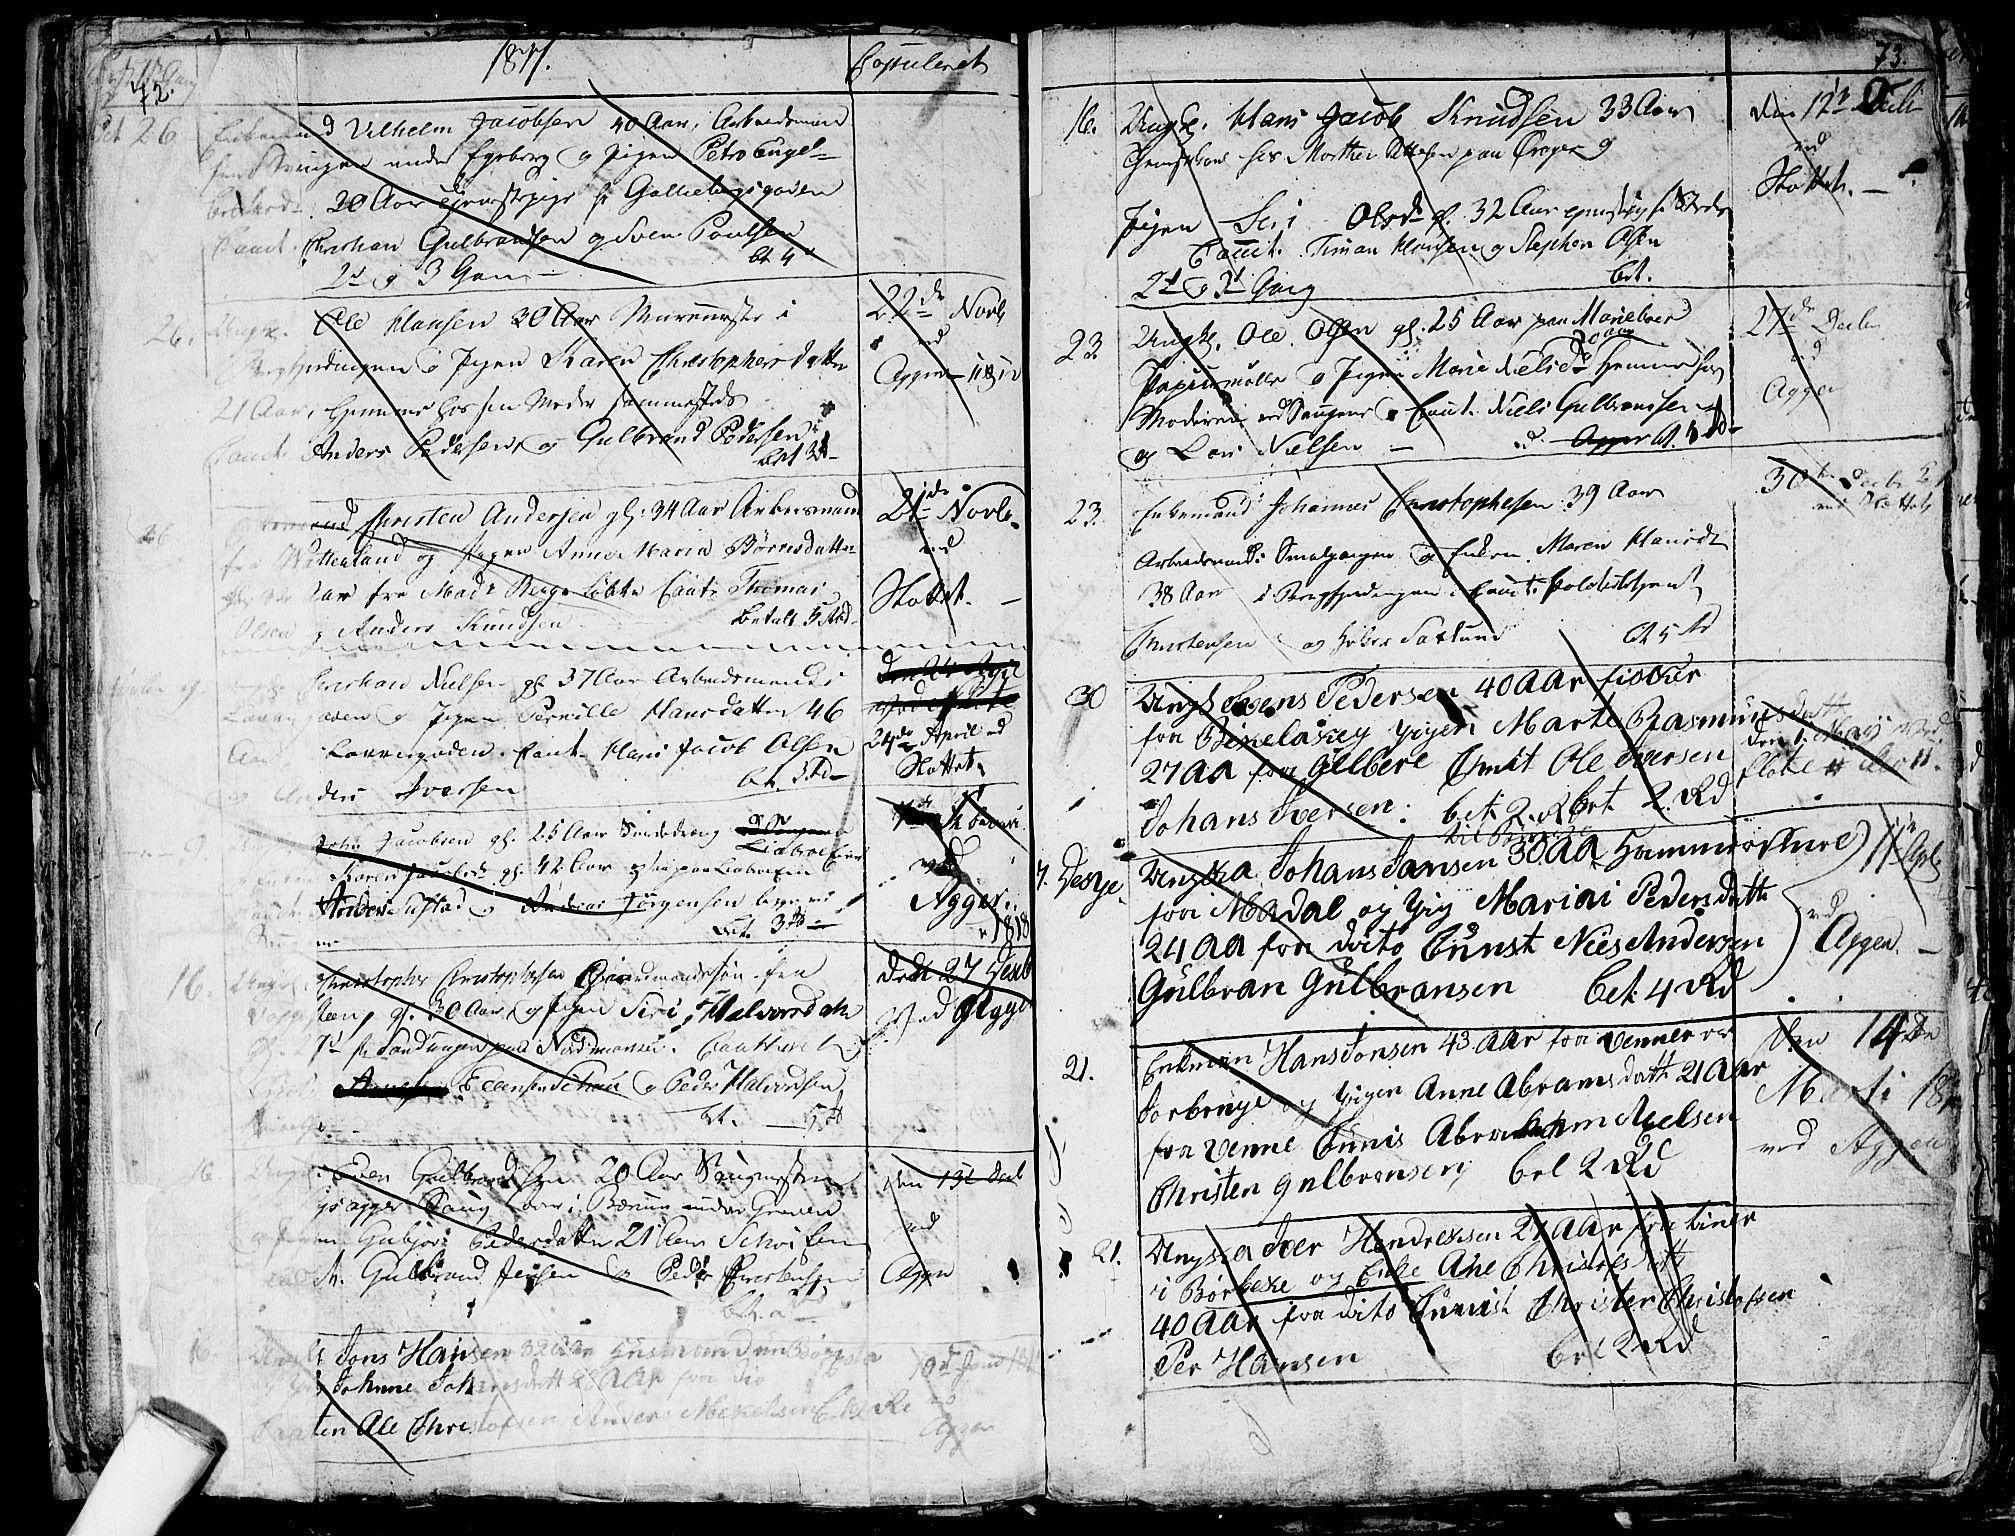 SAO, Aker prestekontor kirkebøker, G/L0001: Klokkerbok nr. 1, 1796-1826, s. 72-73